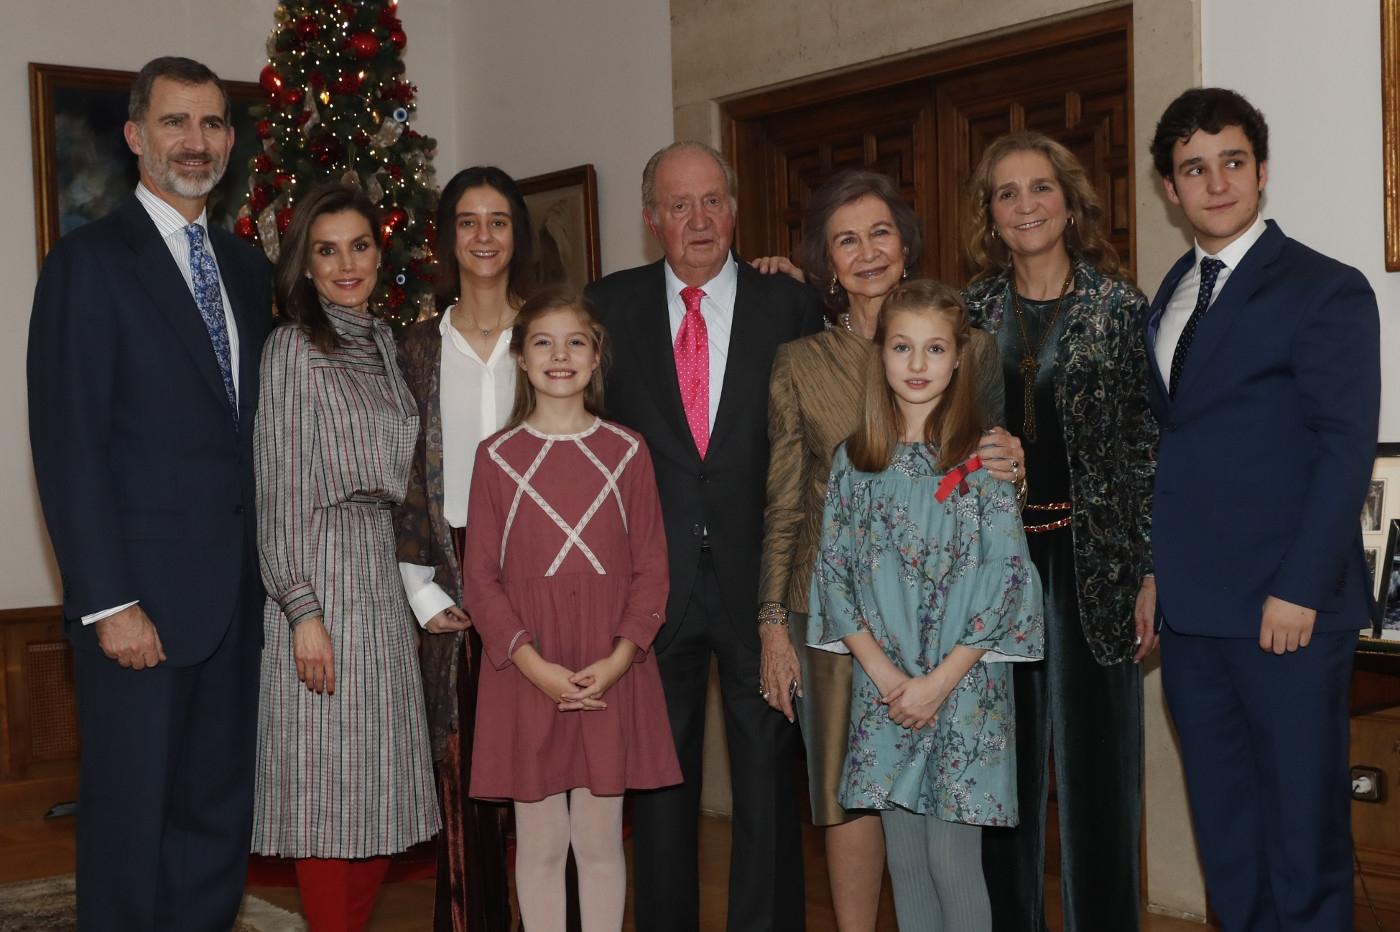 Almuerzo de la Familia Real con motivo del 80 aniversario de Su Majestad el Rey Don Juan Carlos.